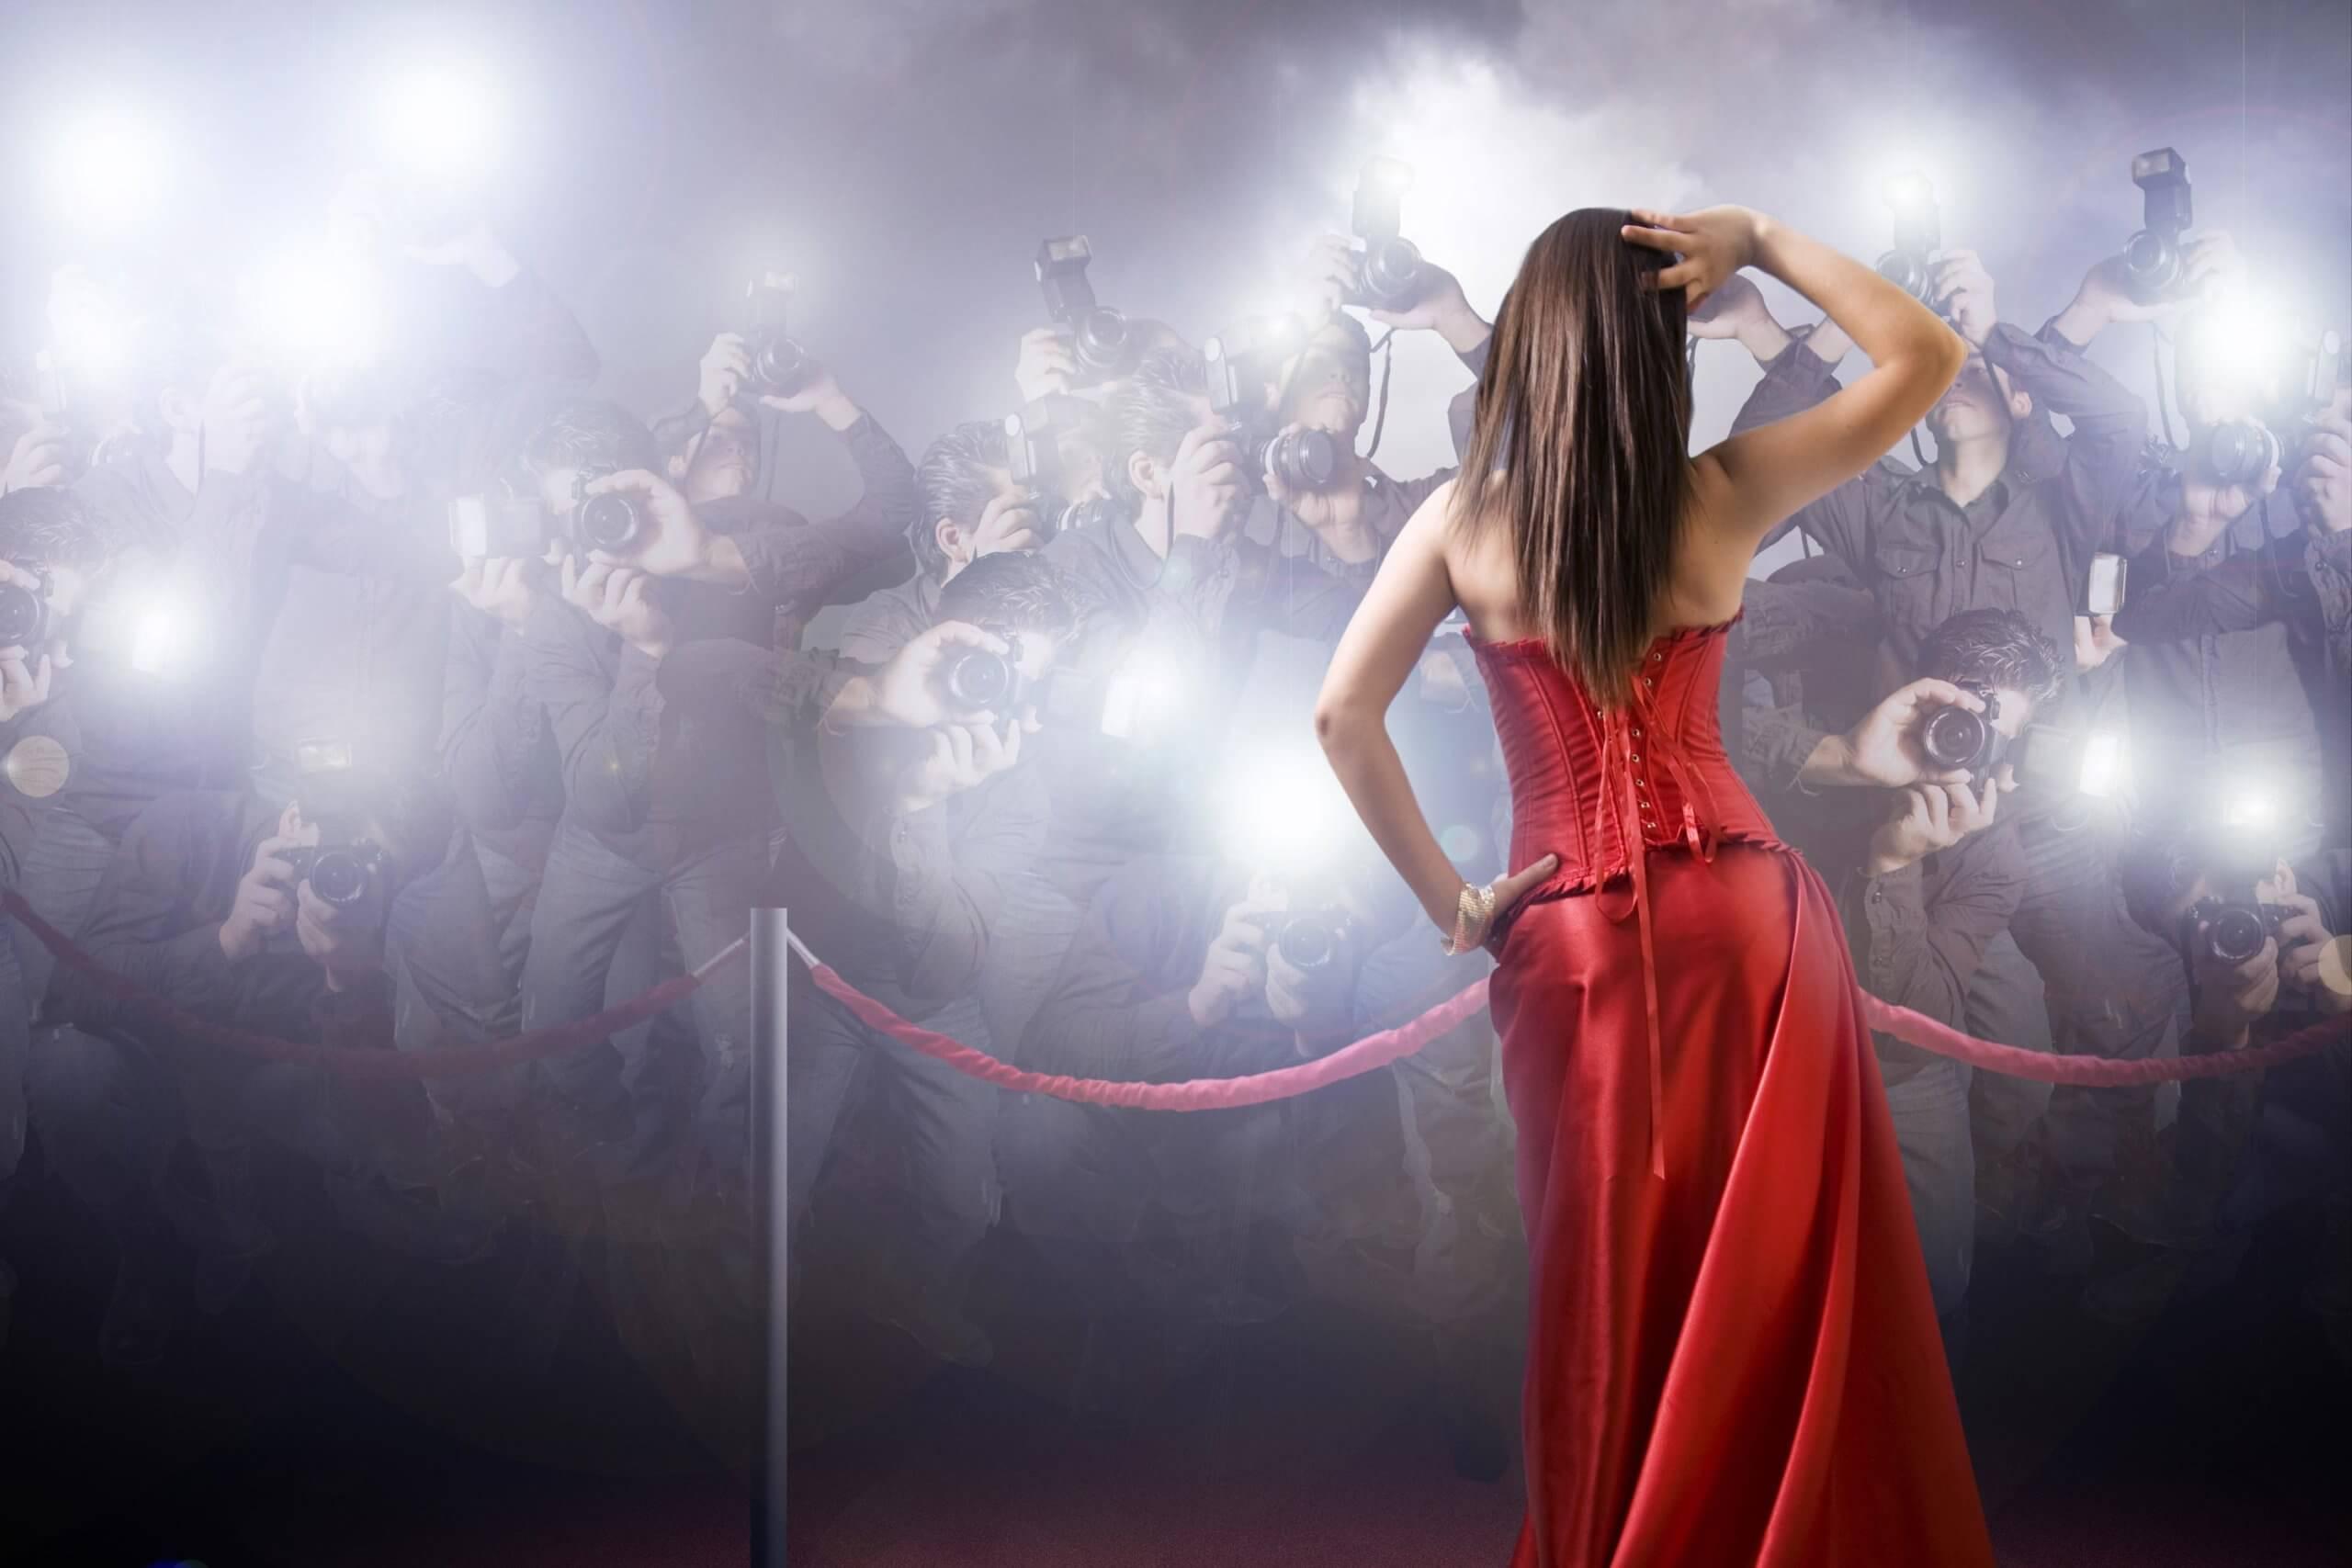 Frau auf rotem Teppich wird von vielen Fotografen fotografiert